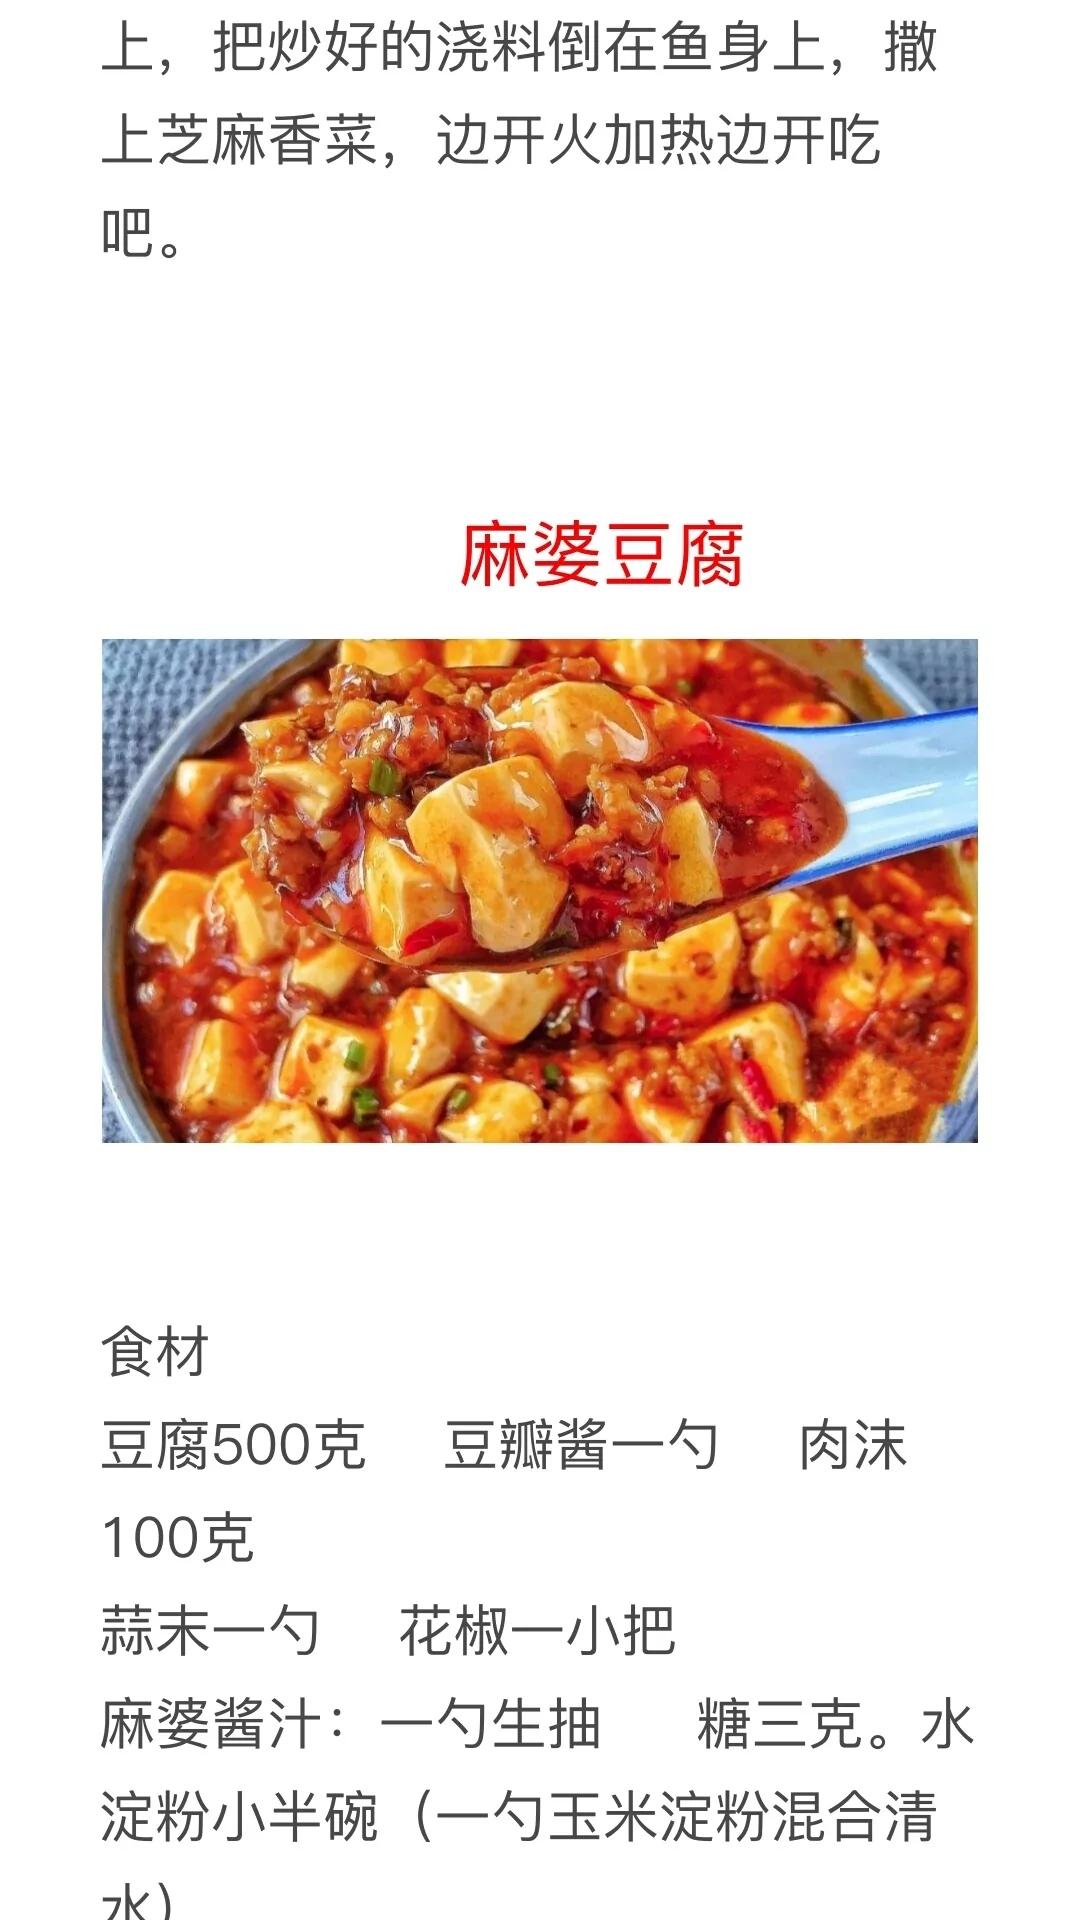 麻辣口味菜做法及配料 美食做法 第15张